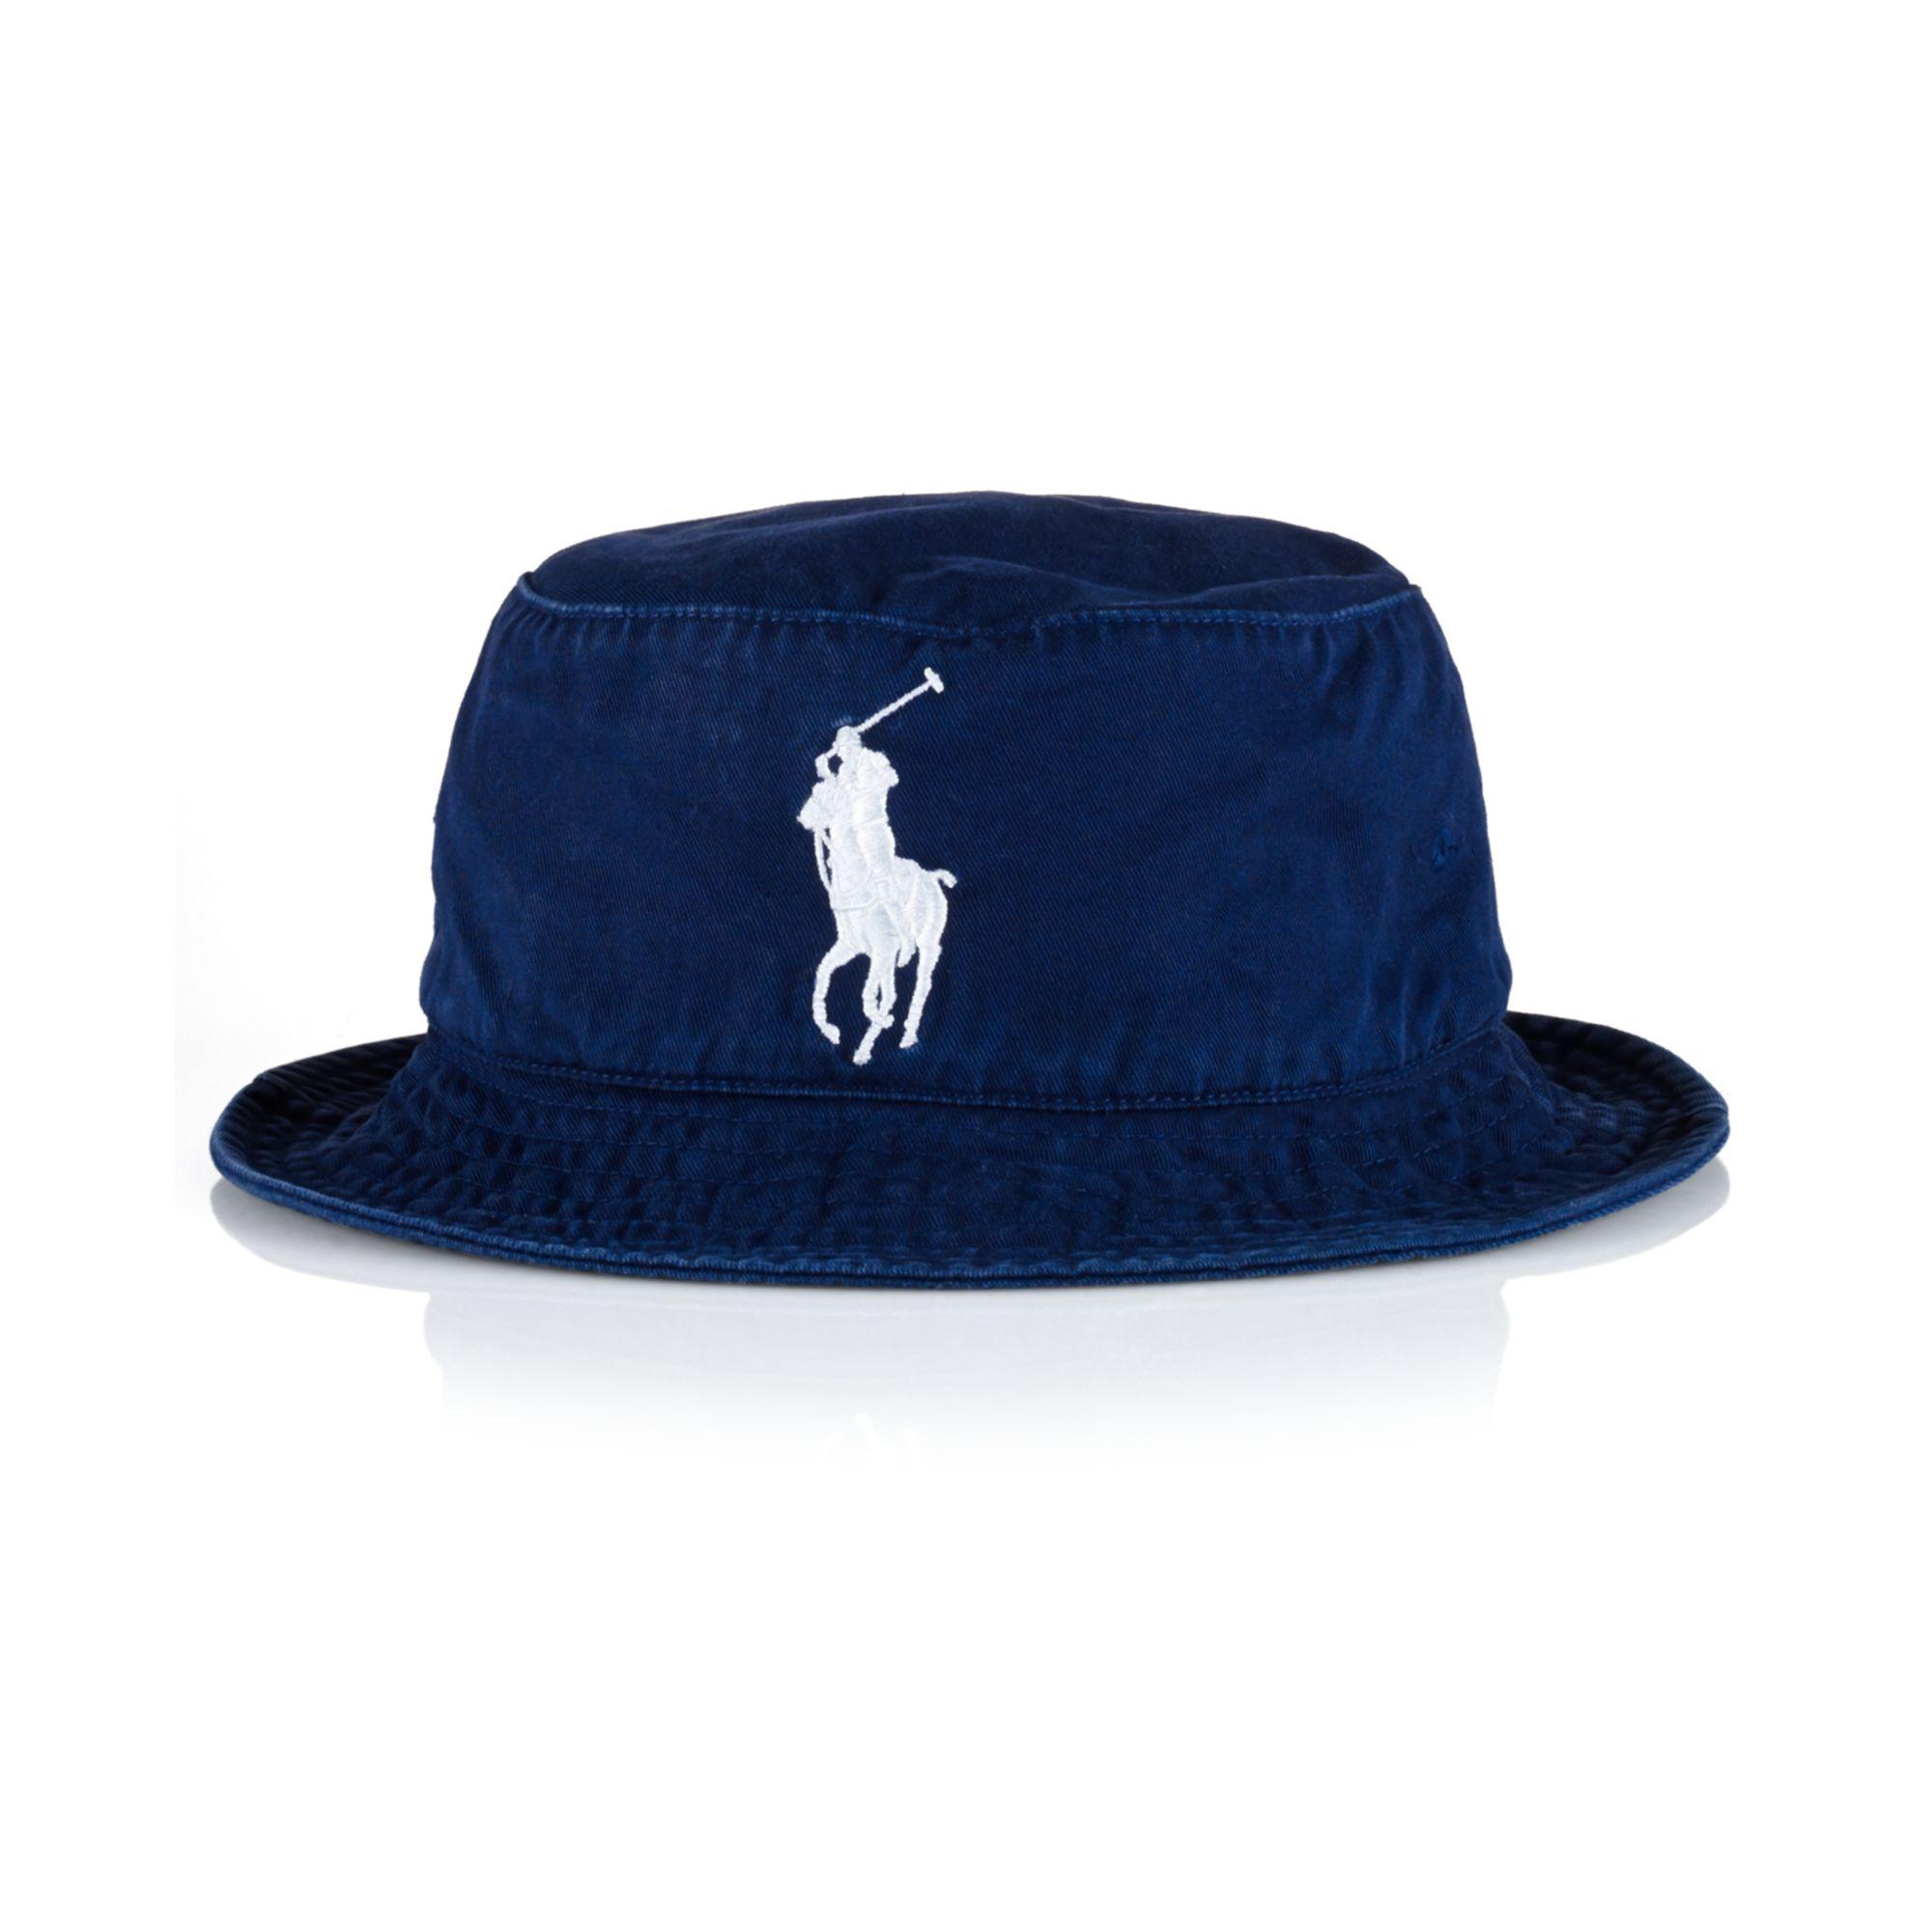 368a8131903 Lyst - Ralph Lauren Polo Us Open Bucket Hat in Blue for Men